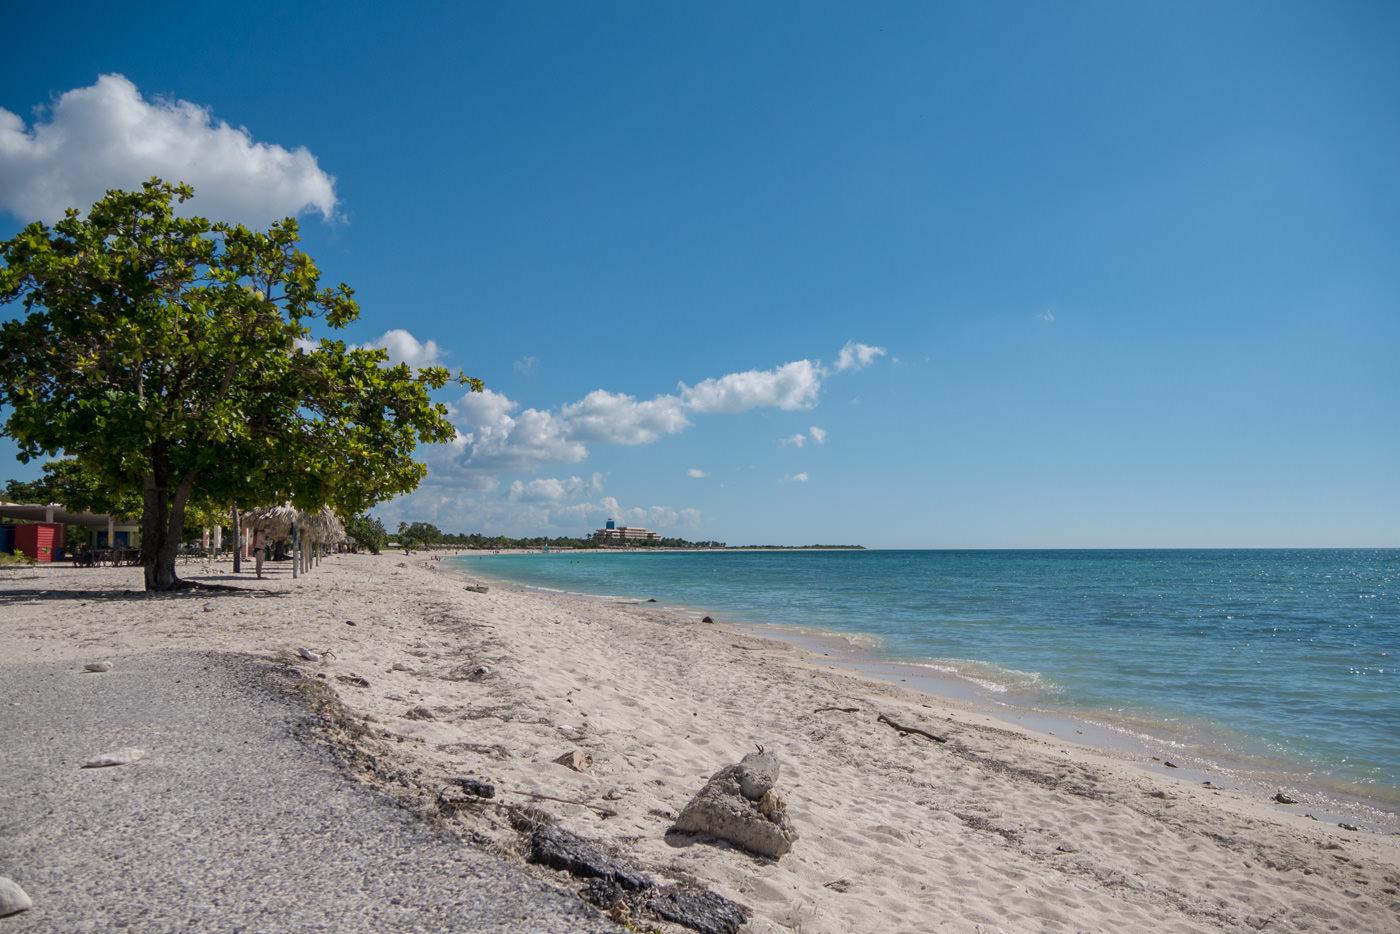 Der Playa Ancon bei Trinidad - ziemlich Touristisch